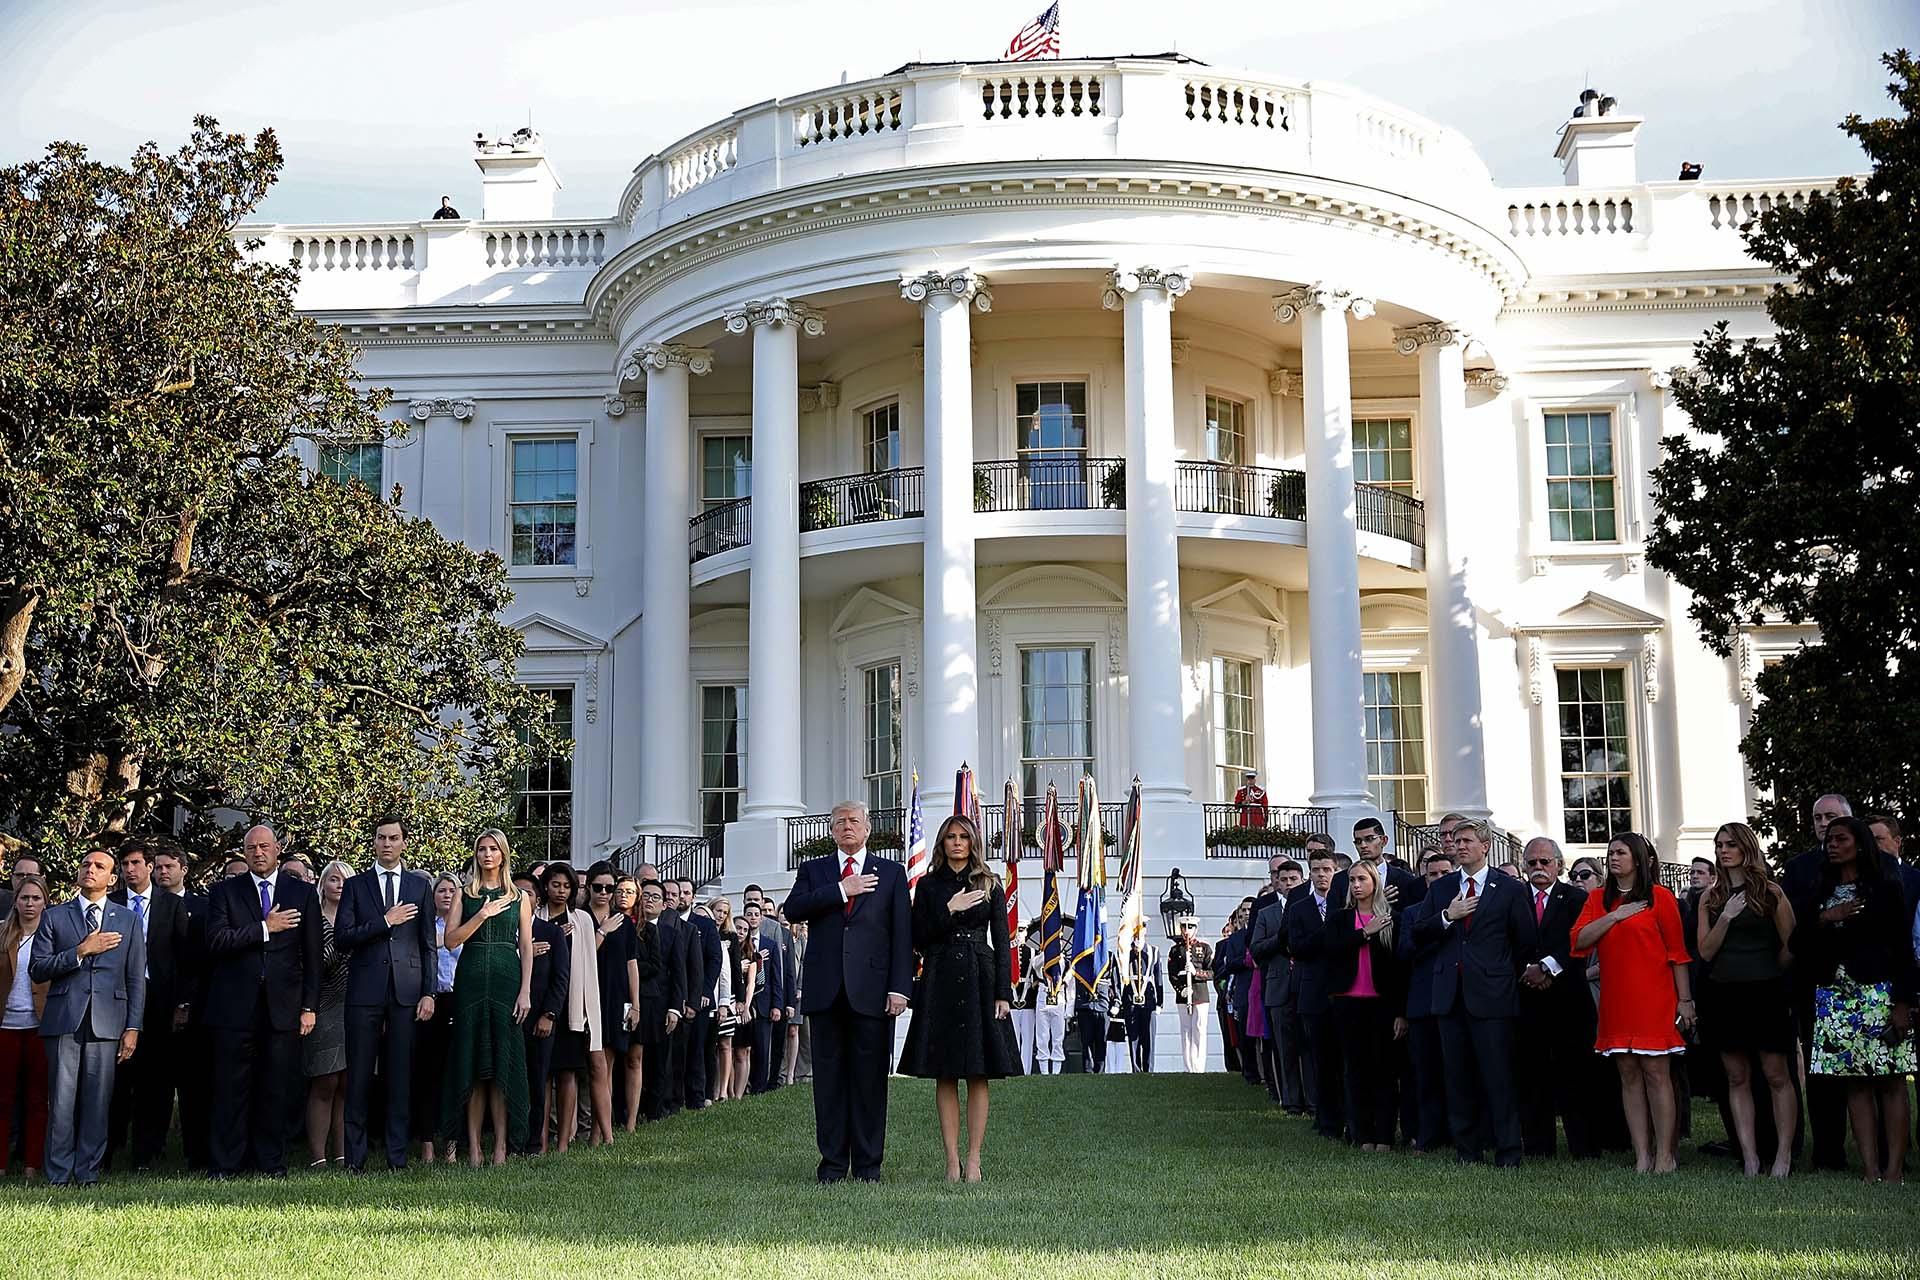 11/9/2017 Donald Trump y su esposa durante el homenaje en la Casa Blanca a las víctimas de los ataques terroristas del 11-S de 2001.